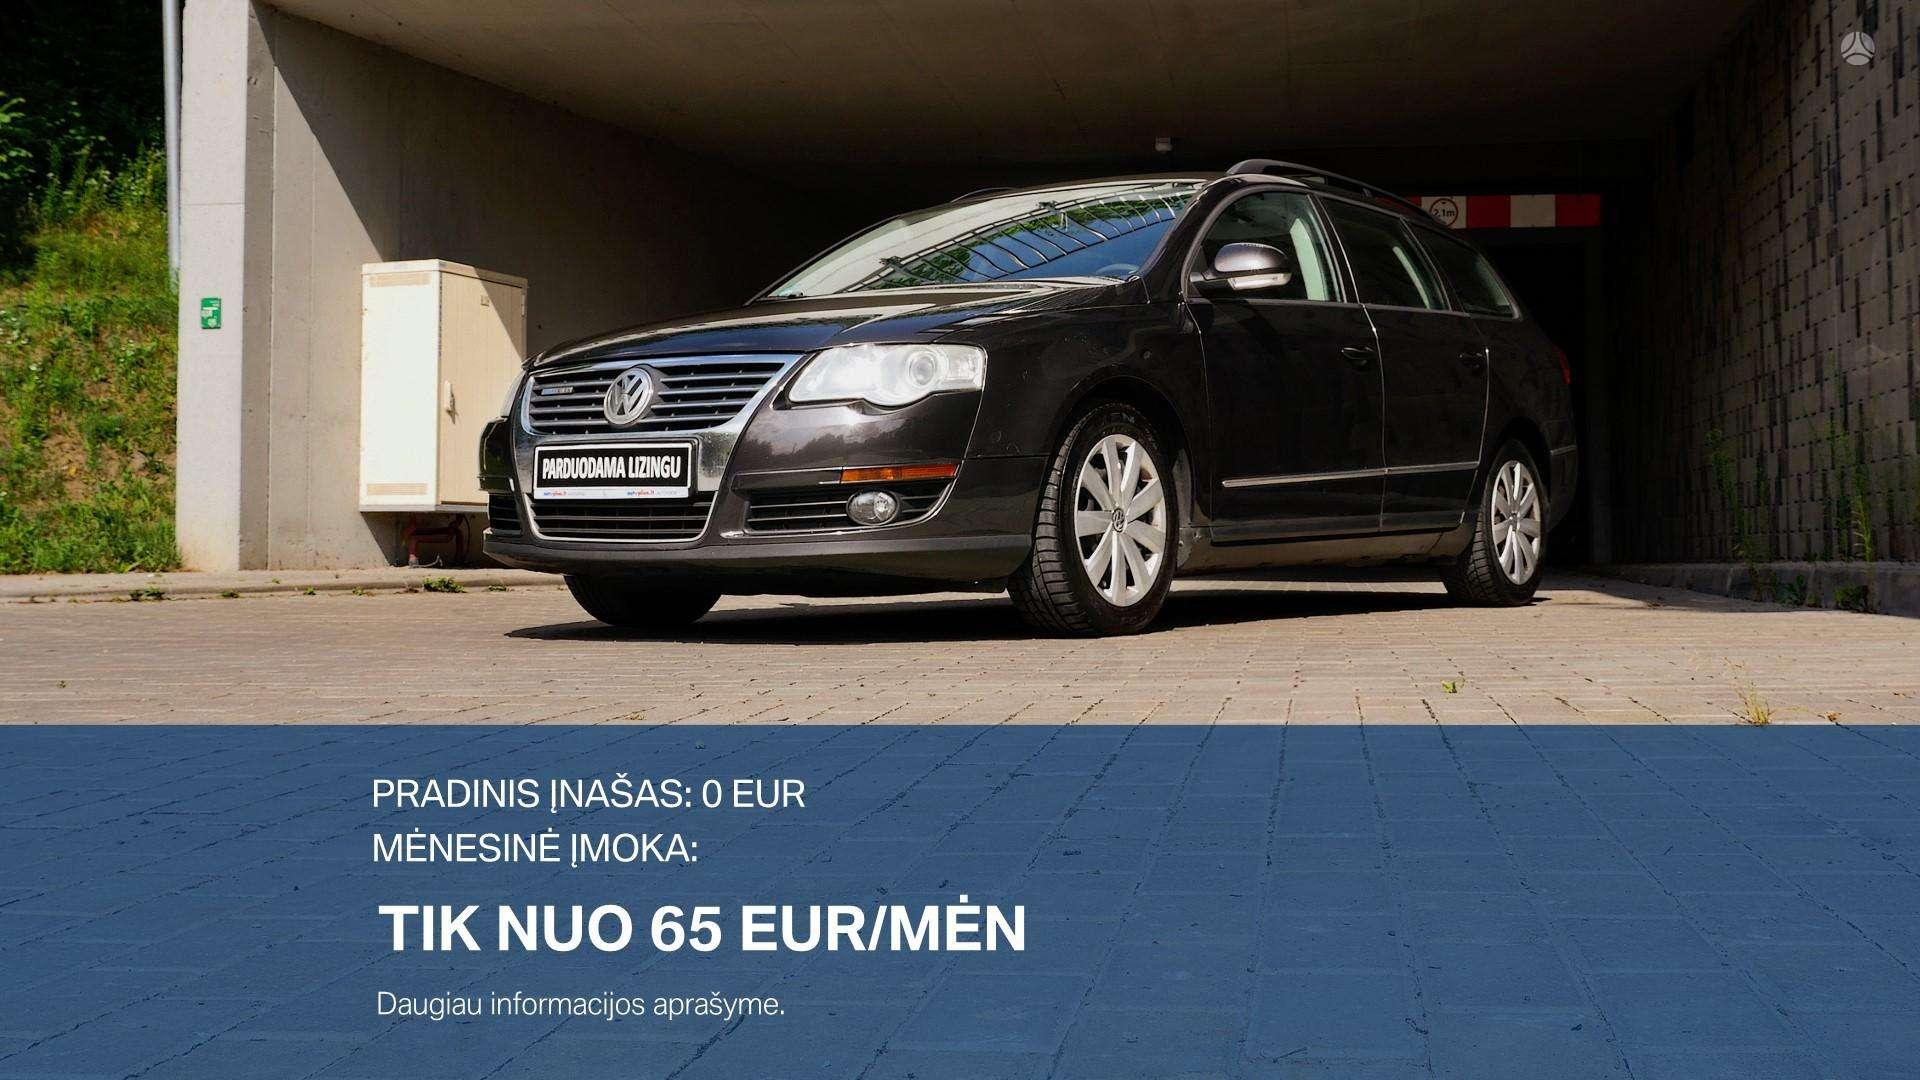 Volkswagen Passat išsimokėtinai nuo 65Eur/Mėn su 3 mėnesių garantija